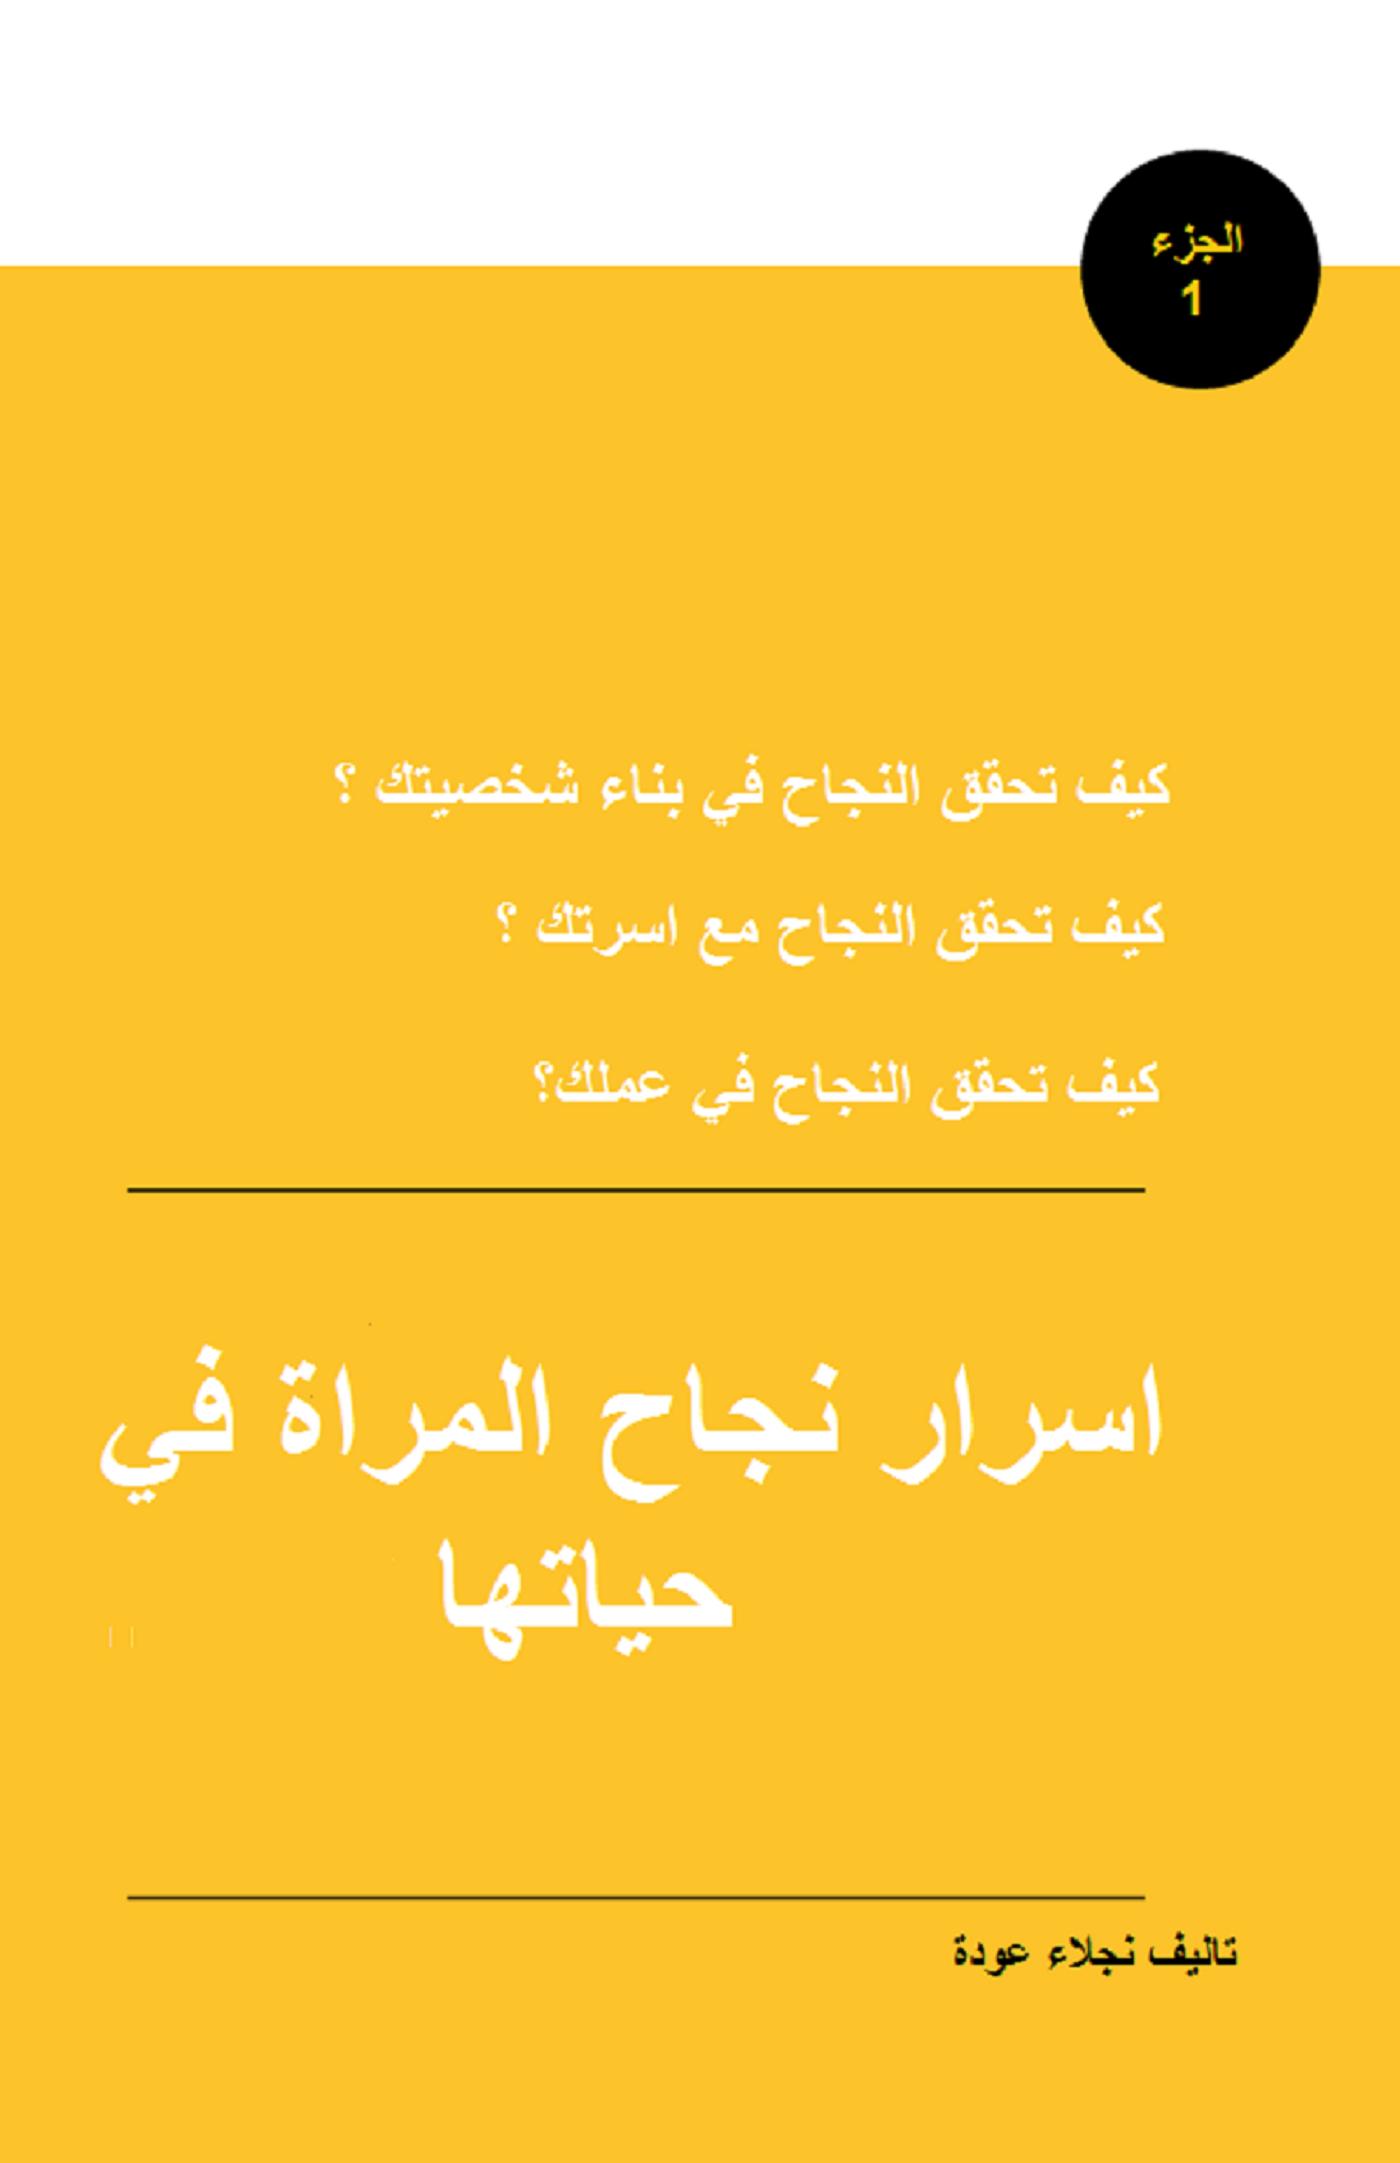 تحميل كتاب اسرار نجاح المراة في حياتها ل نجلاء عوده مجانا pdf | مكتبة تحميل كتب pdf